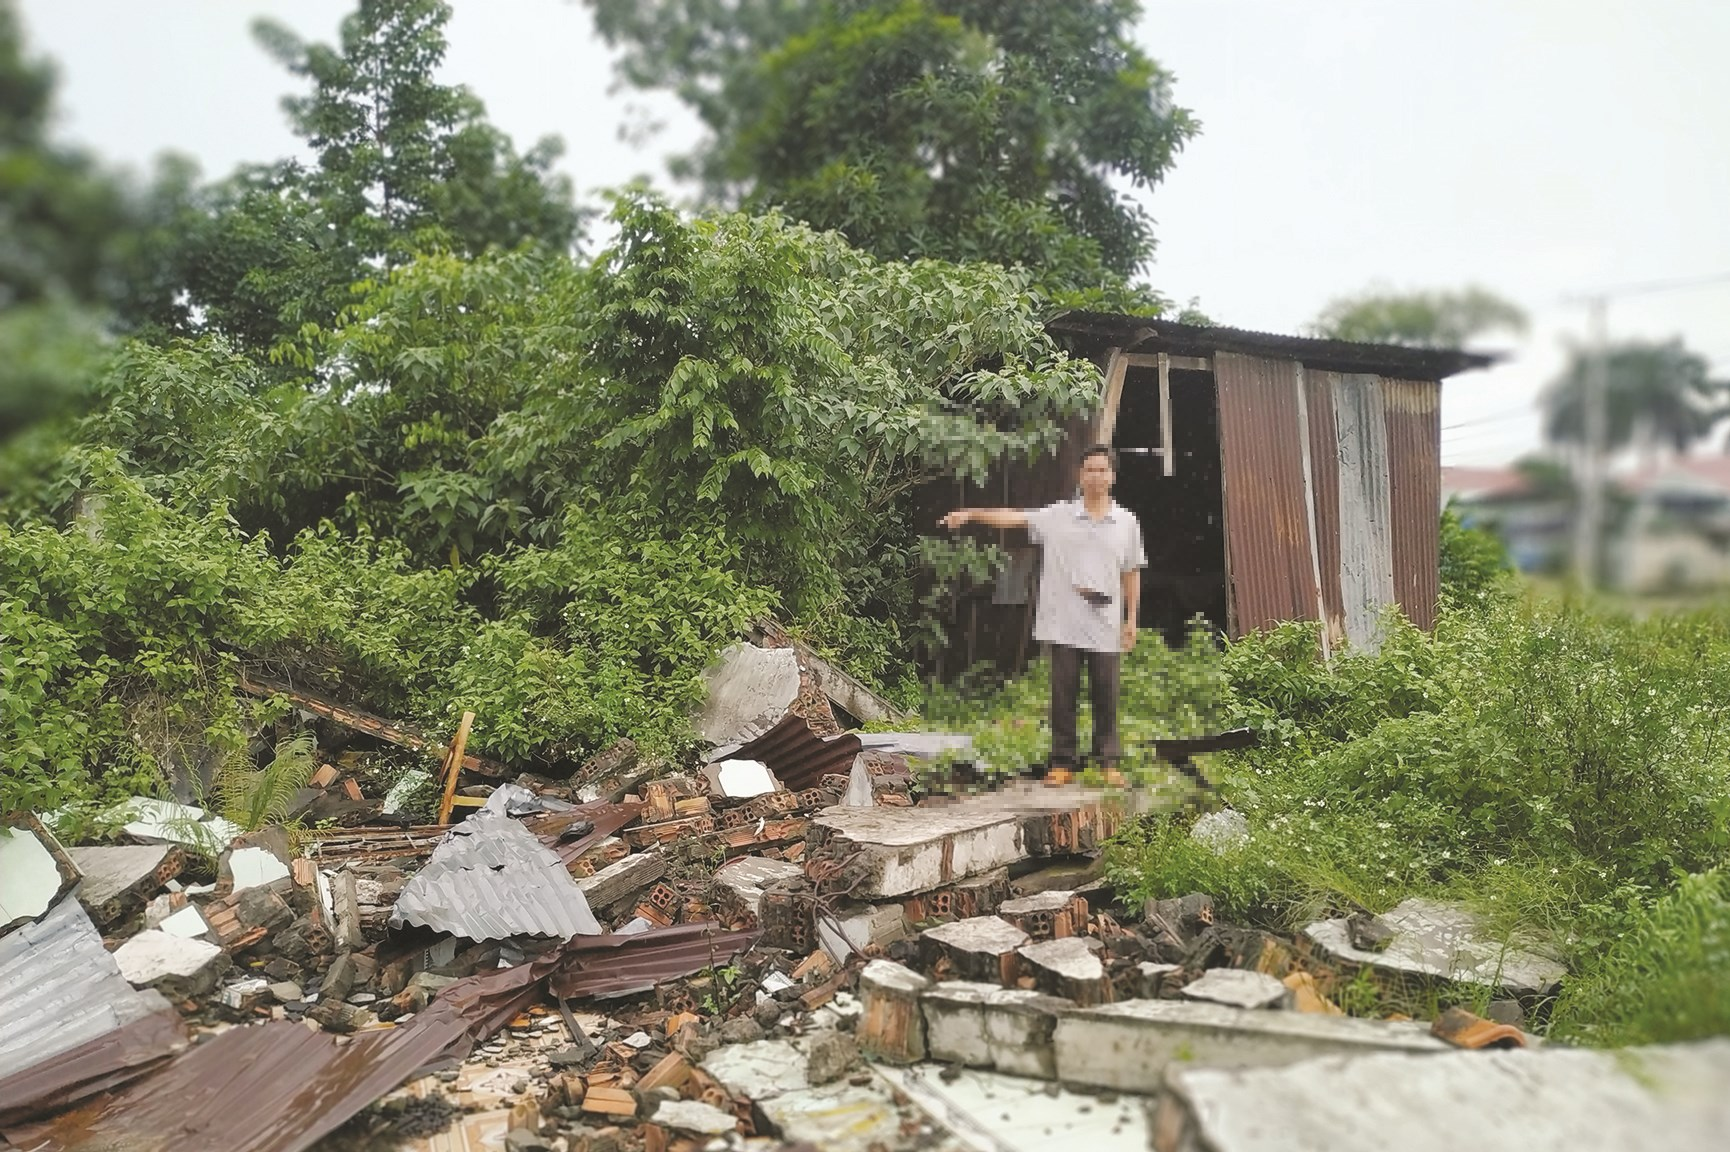 Ông Sú A Giểng bên đống đổ nát, nơi trước là ngôi nhà của gia đình nhưng đã bị nhóm người lạ cho xe ủi giật sập